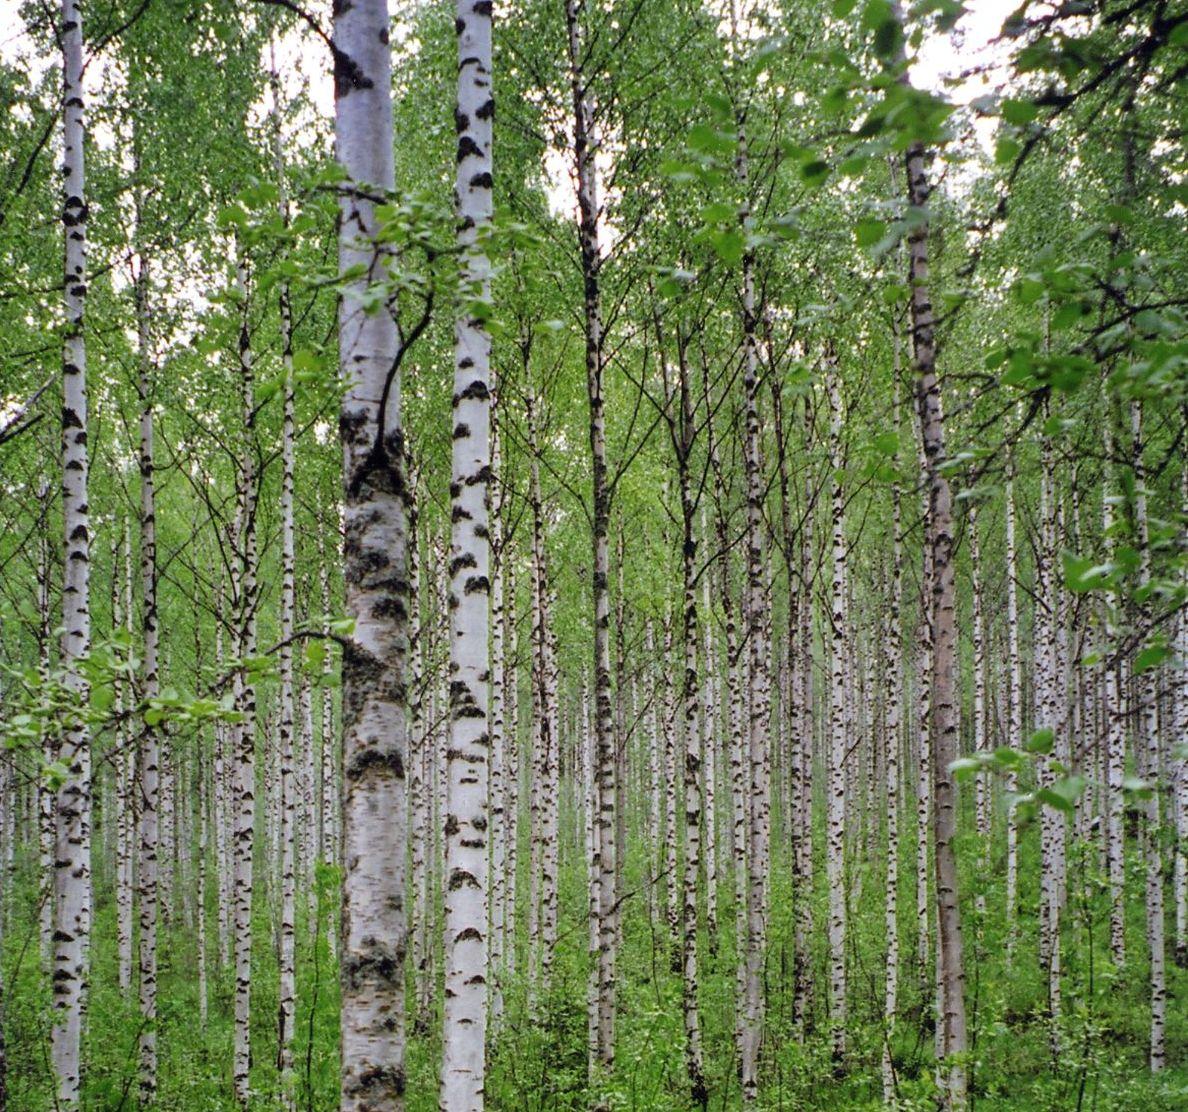 http://1.bp.blogspot.com/-9zsuyvvBC0k/UBO6-_A5StI/AAAAAAAACoI/QG9CJZ3DNDk/s1600/birch-trees.jpg